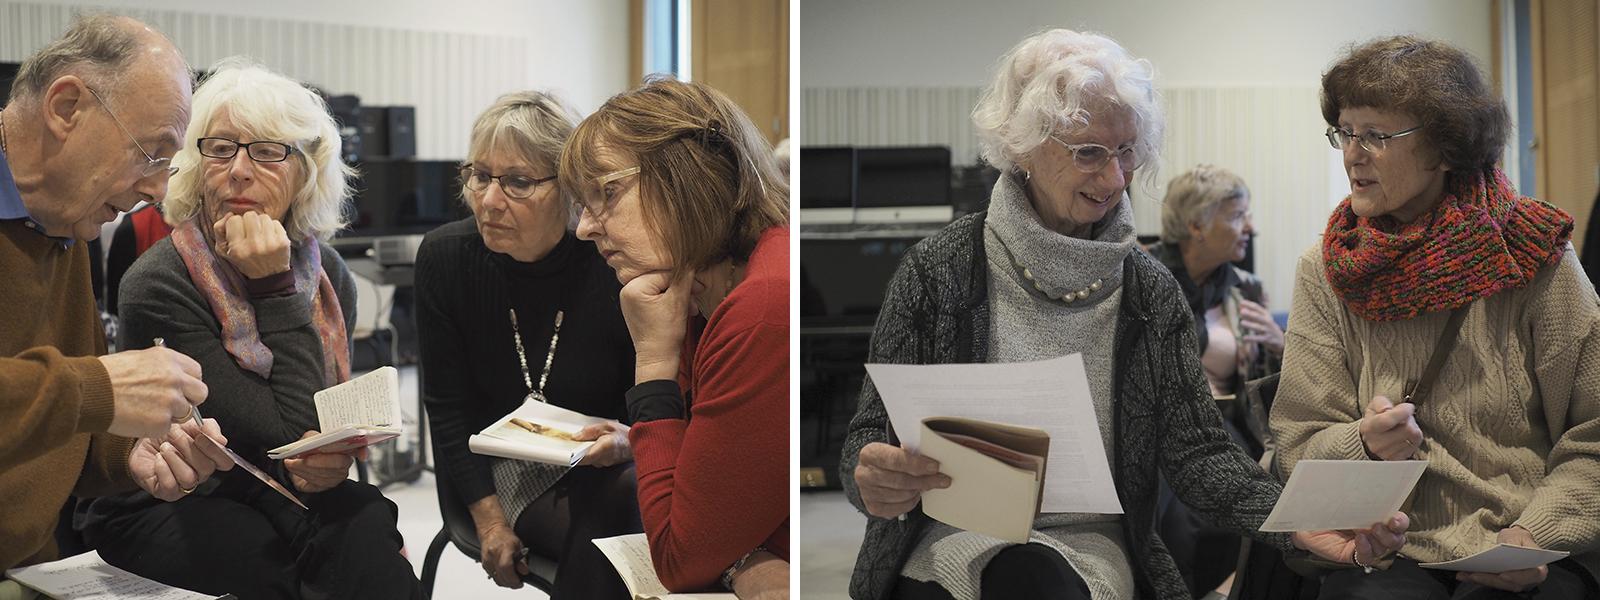 CollegeFilosofie en Kunst– Kunstbedrijf Arnhem, Zorg en Welzijn –Kunstcafé College 2 – 10 november2016 – Deelnemers maken kennis metde begrippenwaarnemen en beleving. Deze vaardigheden stellen hen in staat om, tijdens het tweede collegeVTS-les-is-meer,te werken met de methode Visual Thinking Strategies.